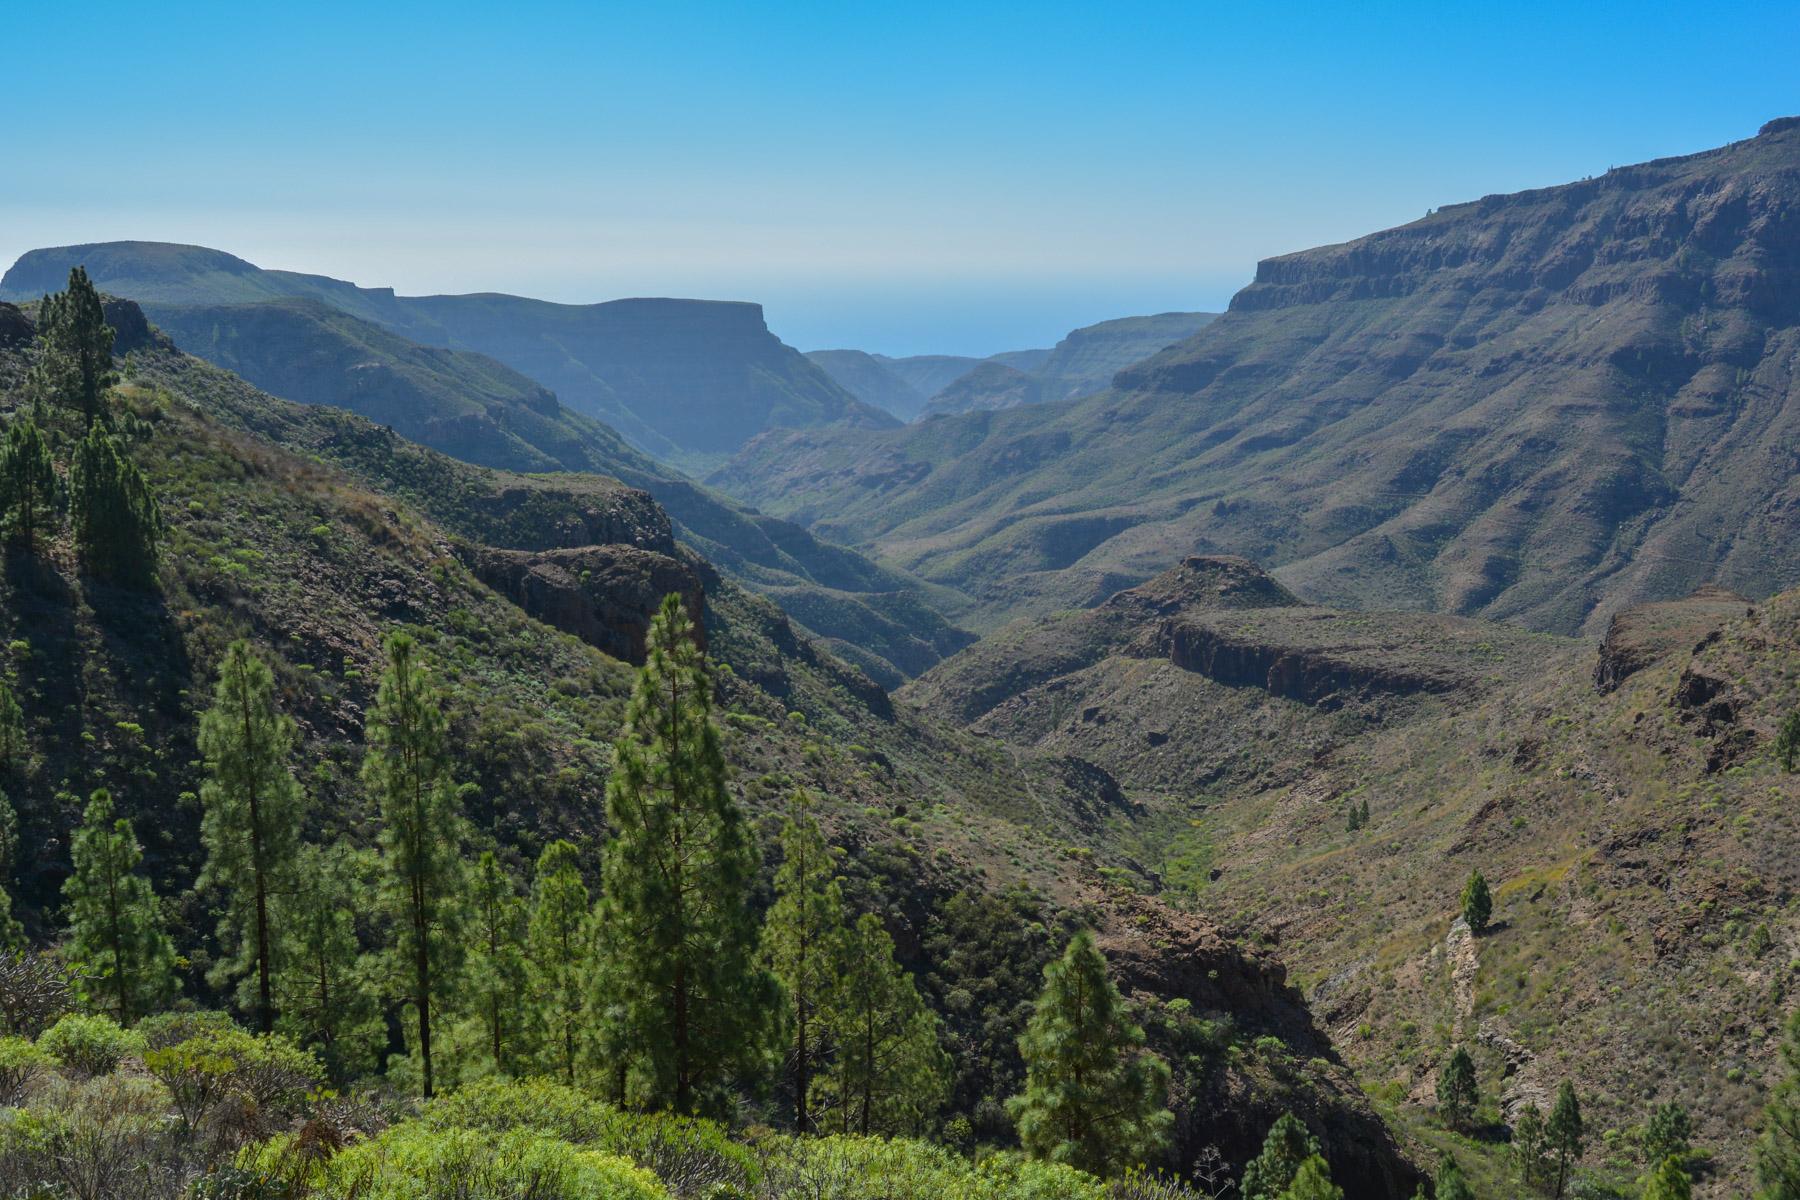 Montaña de Tauro, Gran Canaria, Espagne 26